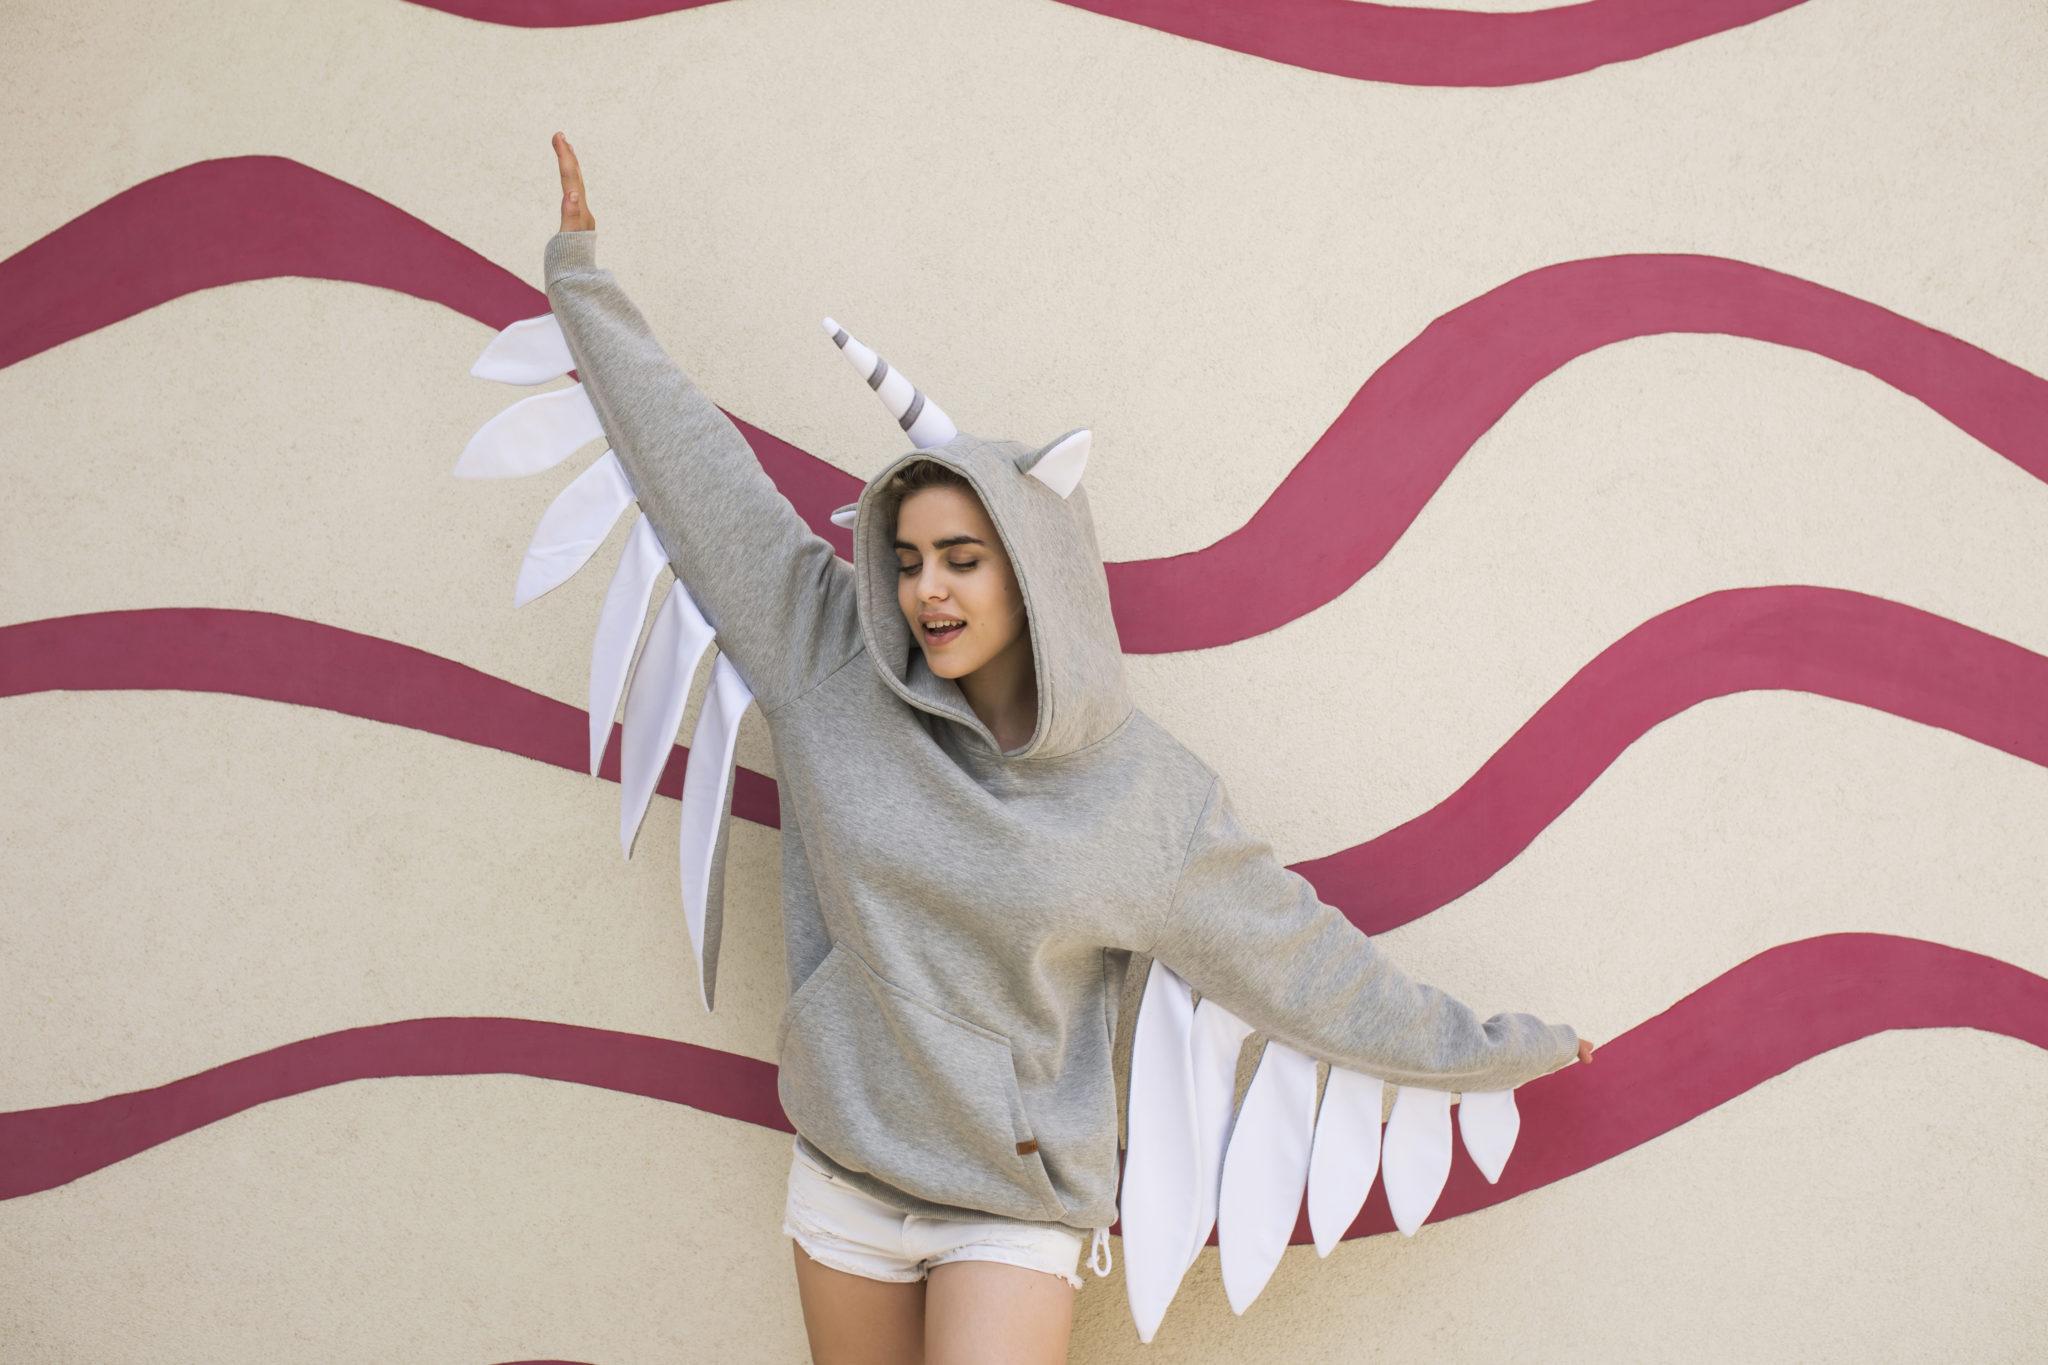 Dziewczna ubrana w bluzę z kapturem jednorożca, stojąca na tle kolorowej ściany